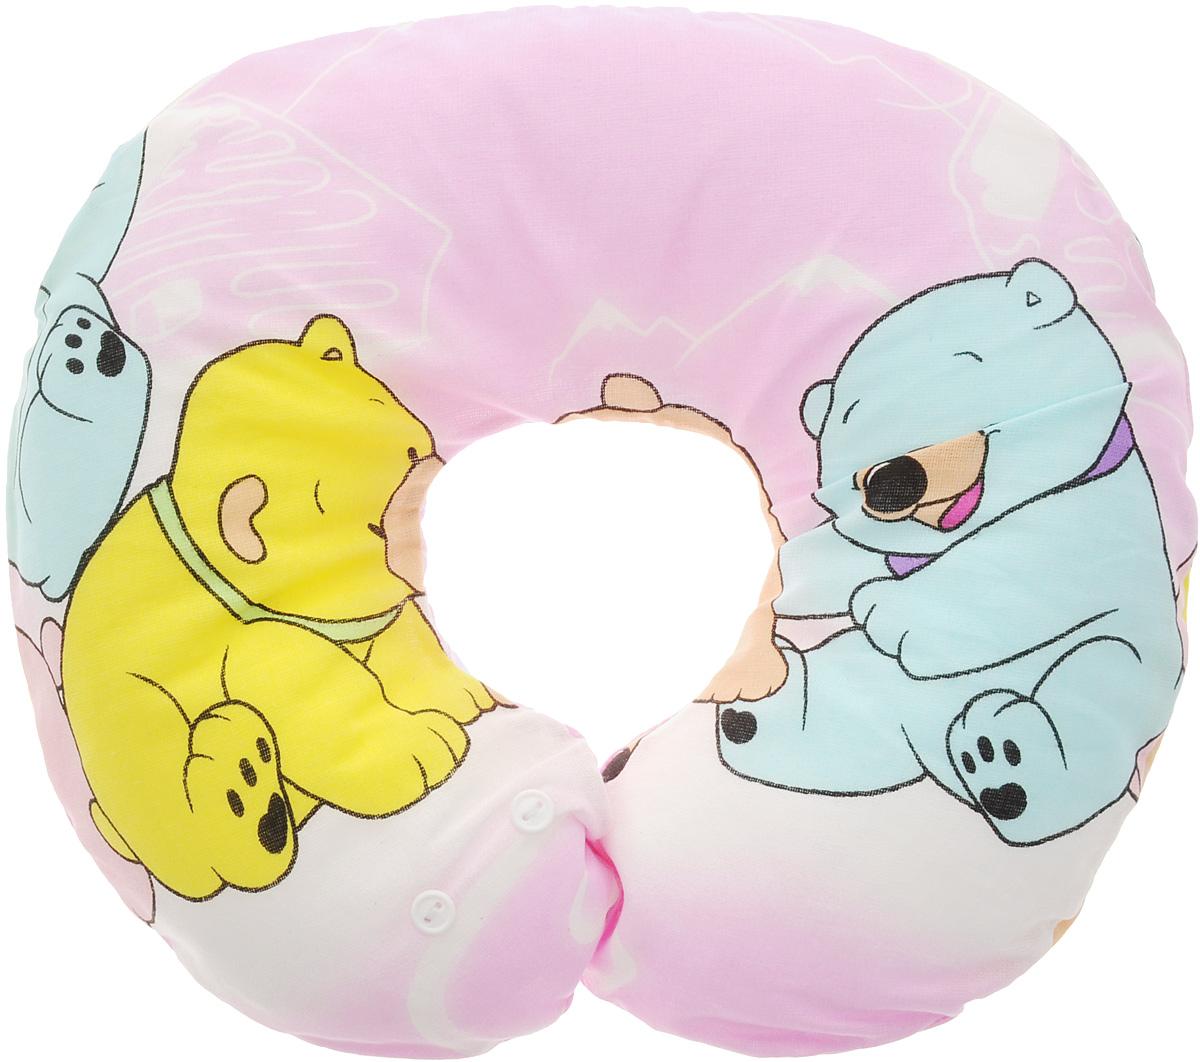 Selby Подушка-воротник для младенца Мишки цвет розовый 30 х 25 см5582_розовыйДетская подушка-воротник Selby Мишки изготовлена из мягкого натурального хлопка с наполнителем из пенополистирола. Подушка удобна и комфортна. Она поддерживает головку ребенка во время сна, отдыха или купания. Благодаря такой подушке при купании руки у мамы свободны, поэтому можно без труда помыть ребенка, пока он плавает. Подушка фиксируется вокруг шеи. Изделие также идеально подходит для длительных поездок в самолете, машине, коляске или автокресле. Подушка имеет съемный чехол на застежке-молнии, который вы можете постирать. Уход: машинная стирка (40 °C) и деликатный отжим. Предварительная стирка обязательна.